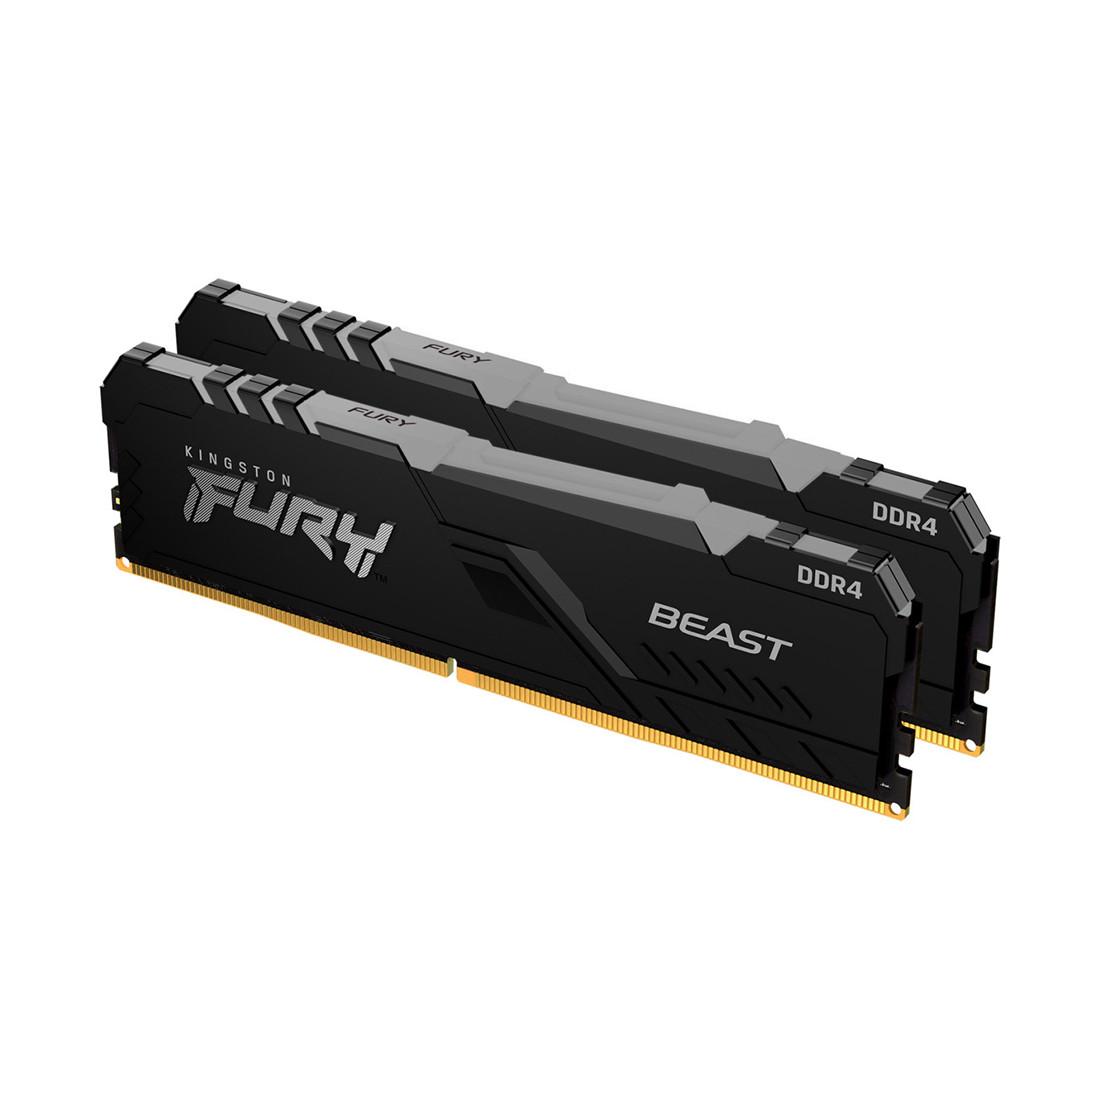 Комплект модулей памяти, Kingston, FURY Beast RGB KF426C16BBAK2/16 (Kit 2x8GB), DDR4, 16GB, DIMM , Чёрный